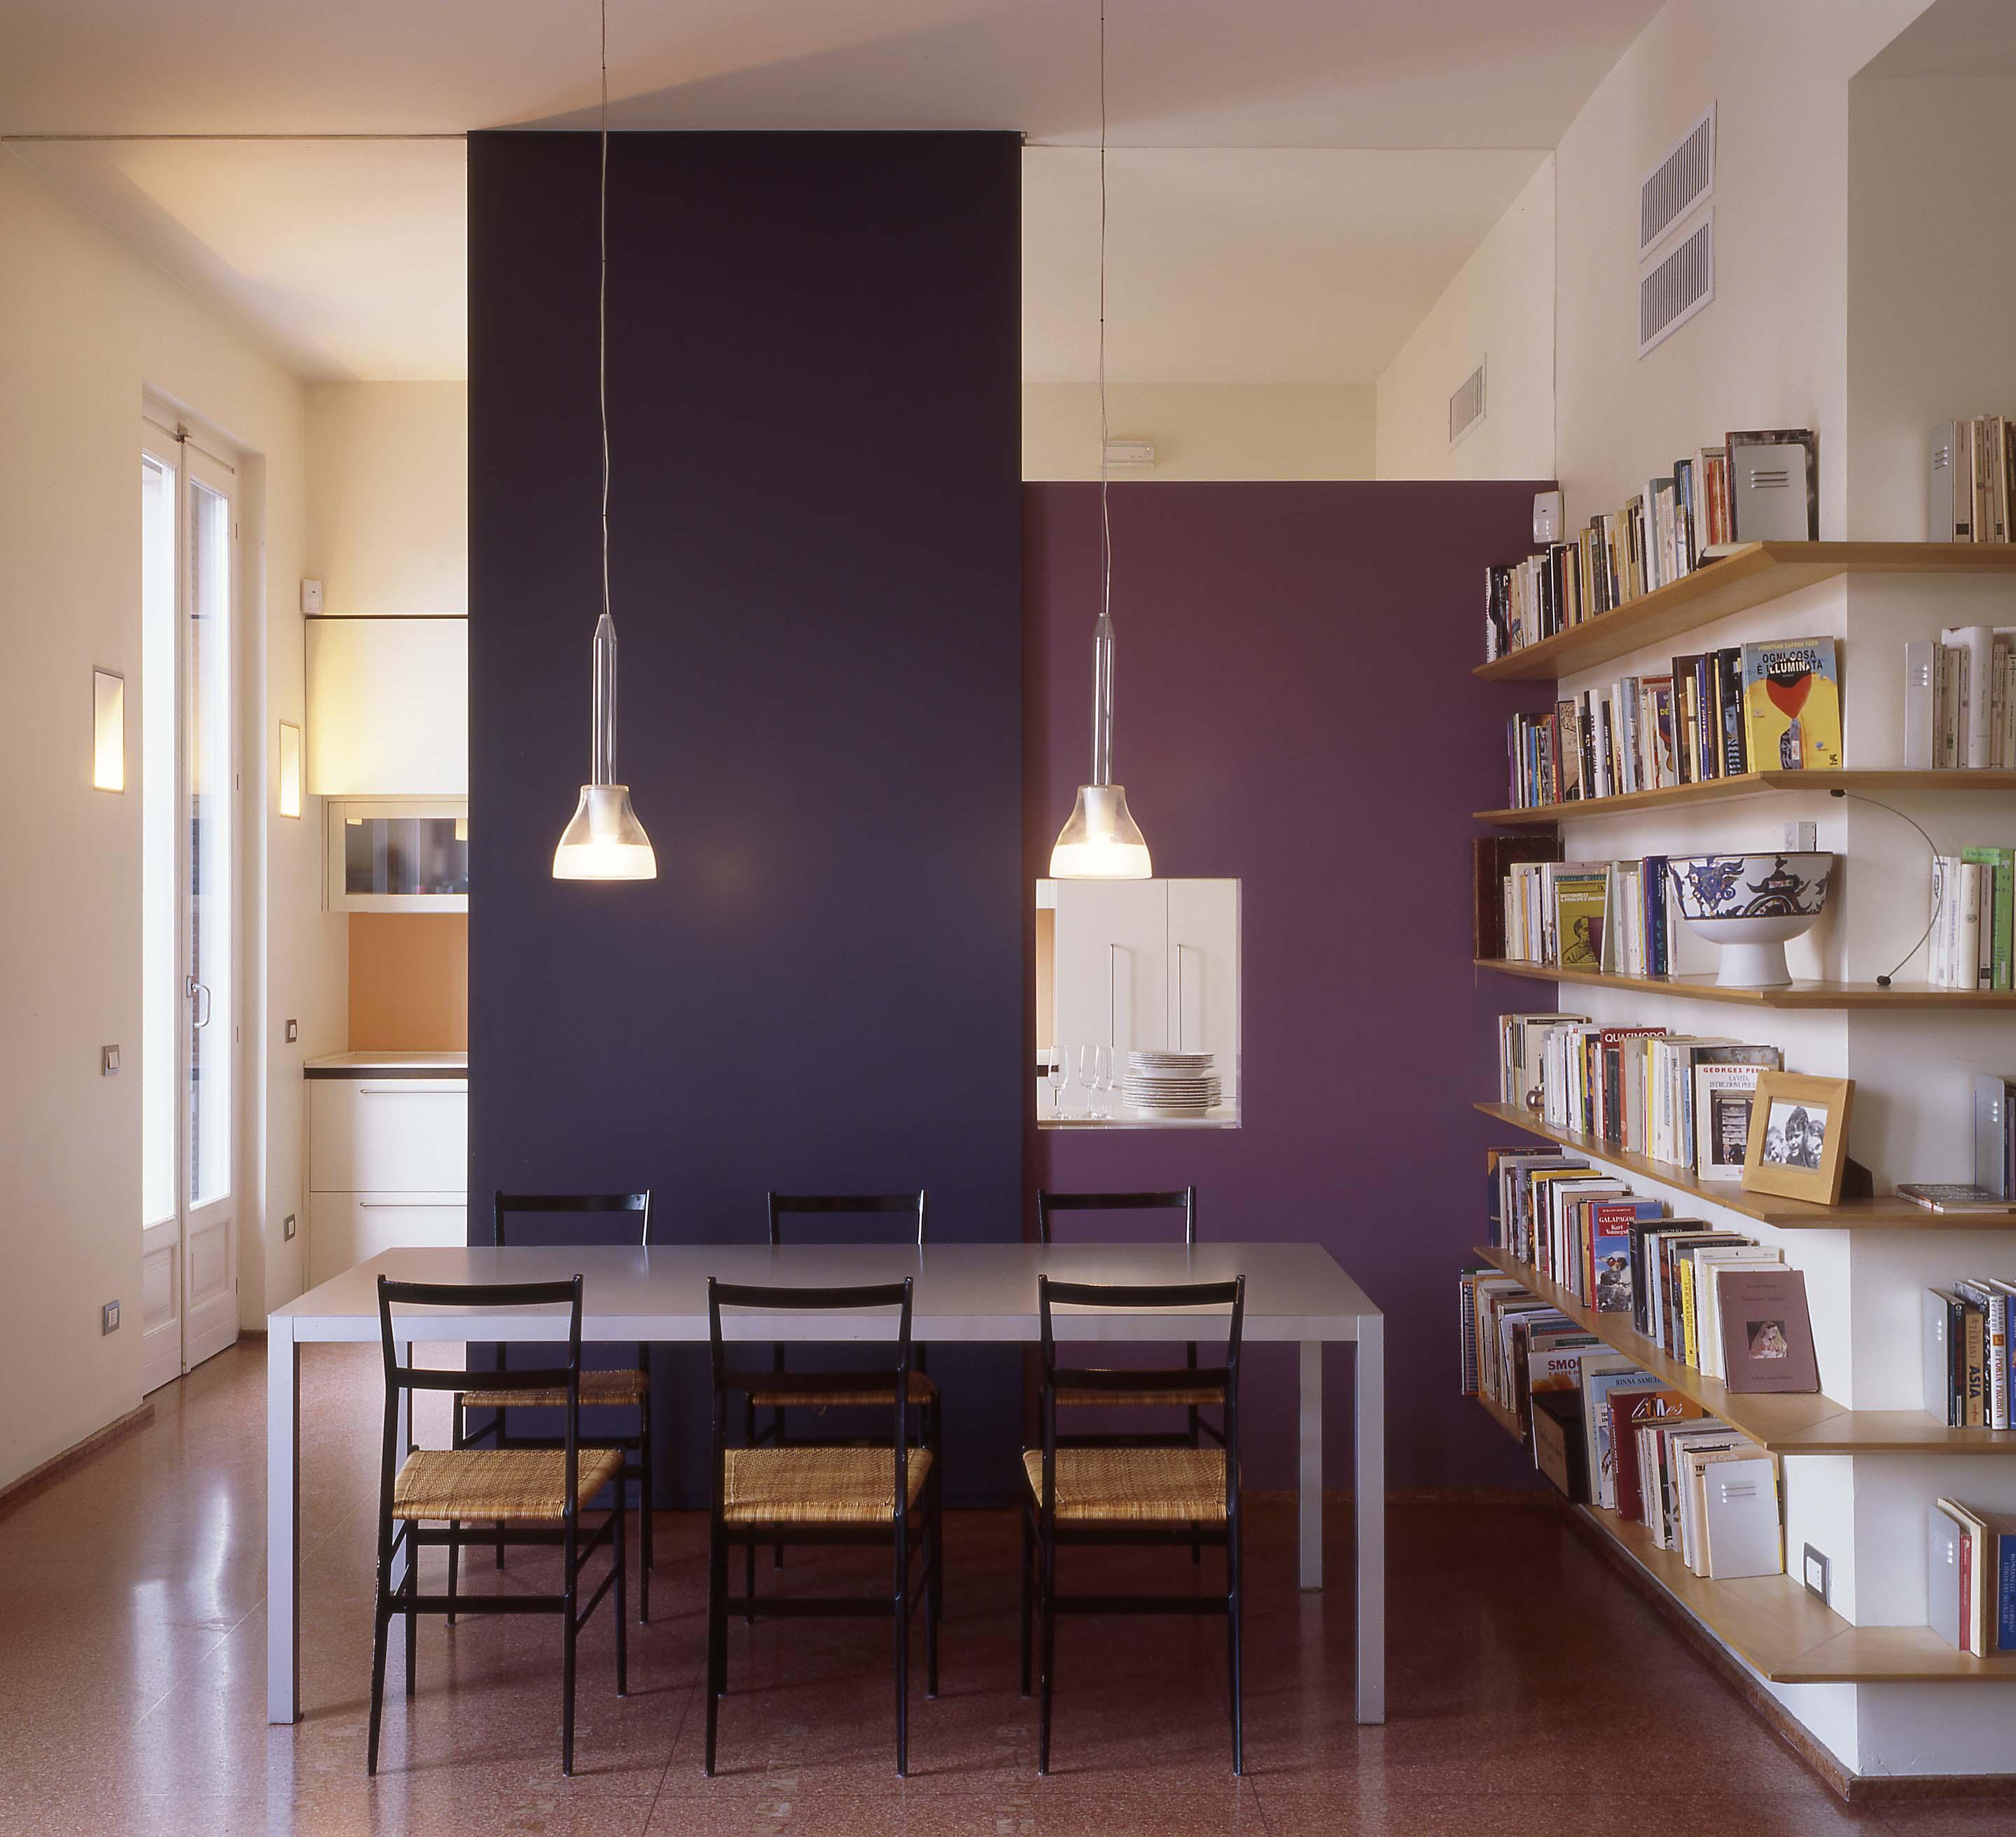 La Sala Da Pranzo Colorata Illuminata Dalla Luce Che Arriva Dal  #876544 2879 2623 La Classifica Delle Migliori Cucine